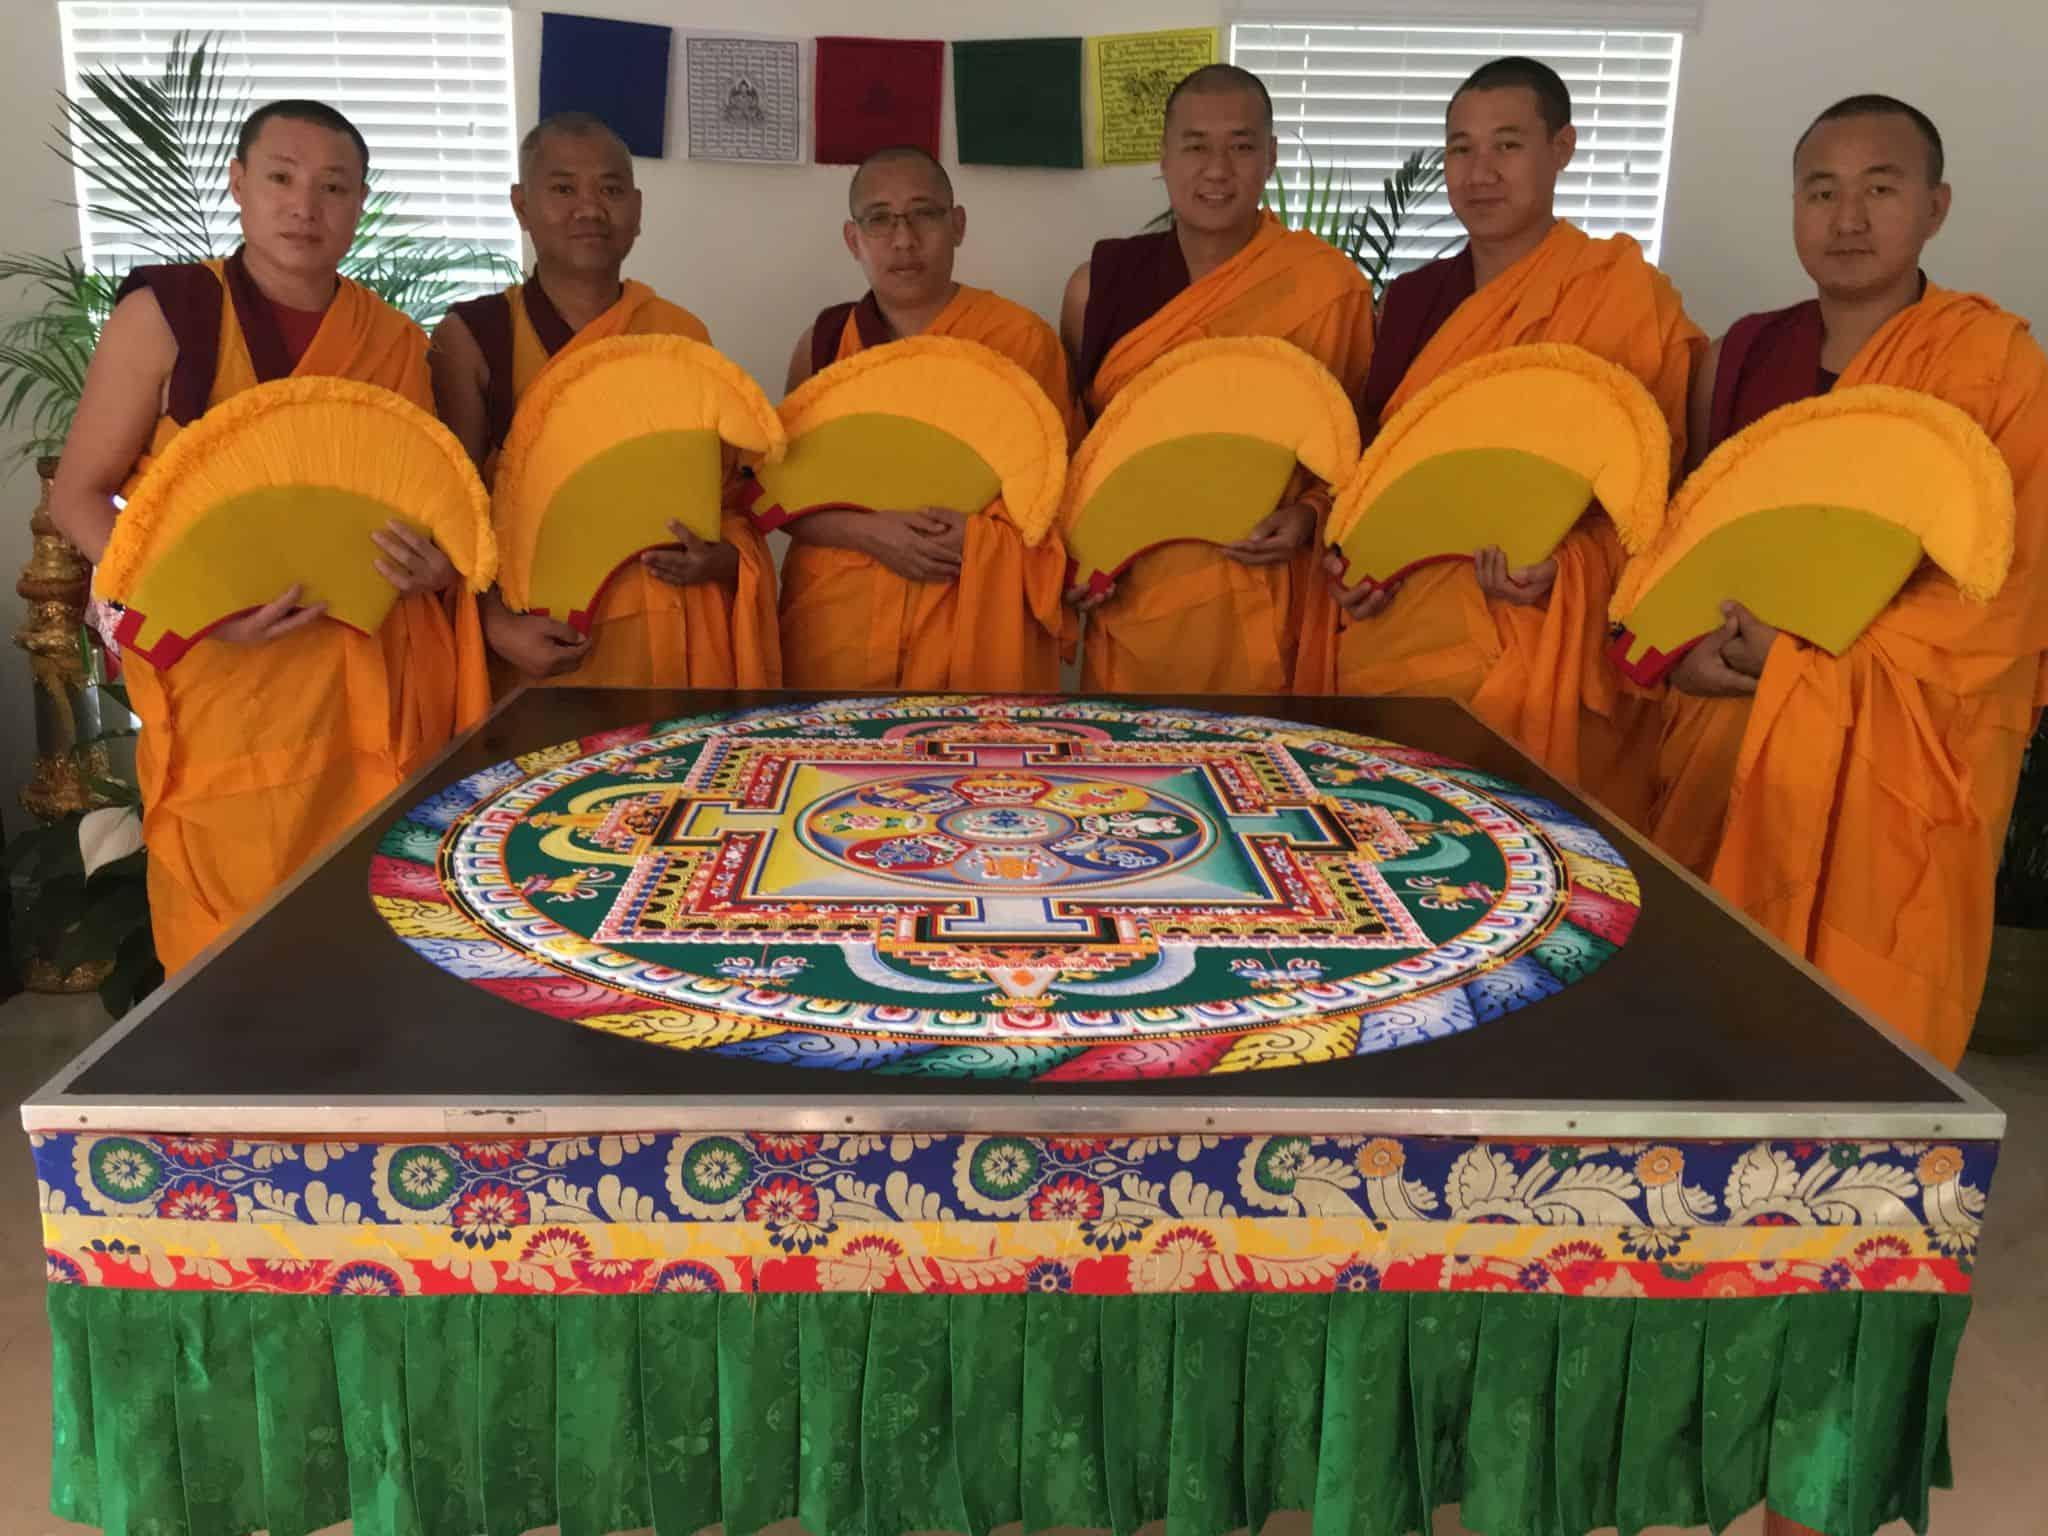 monjes del monasterio de Drepung Loseling